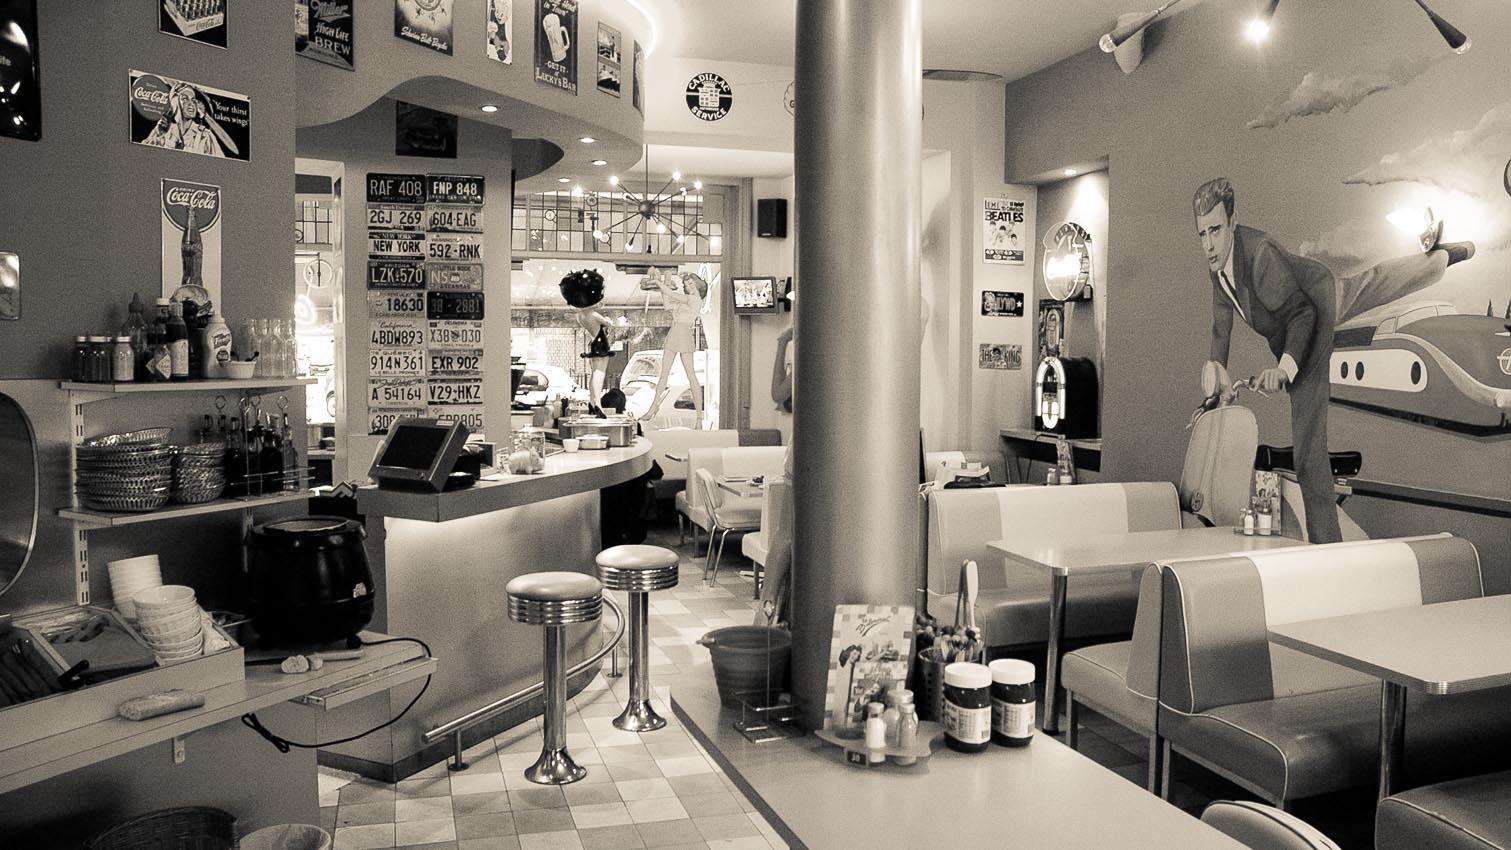 37-cafe-bar-resto-nightclub-decors-film-cinema-photo-belgium-bruxelles